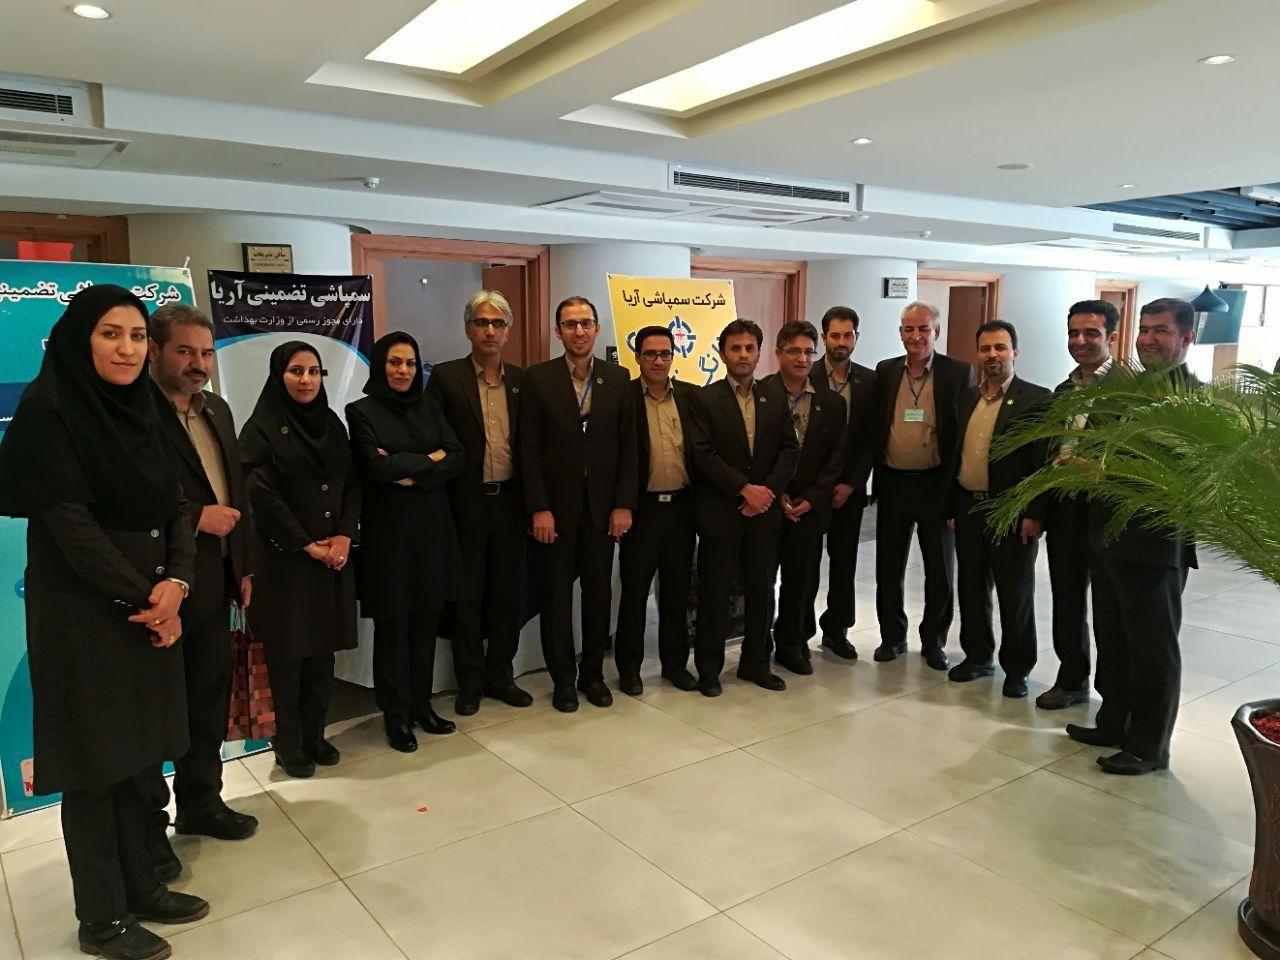 روز جهانی بهداشت محیط در دانشگاه علوم پزشکی شیراز